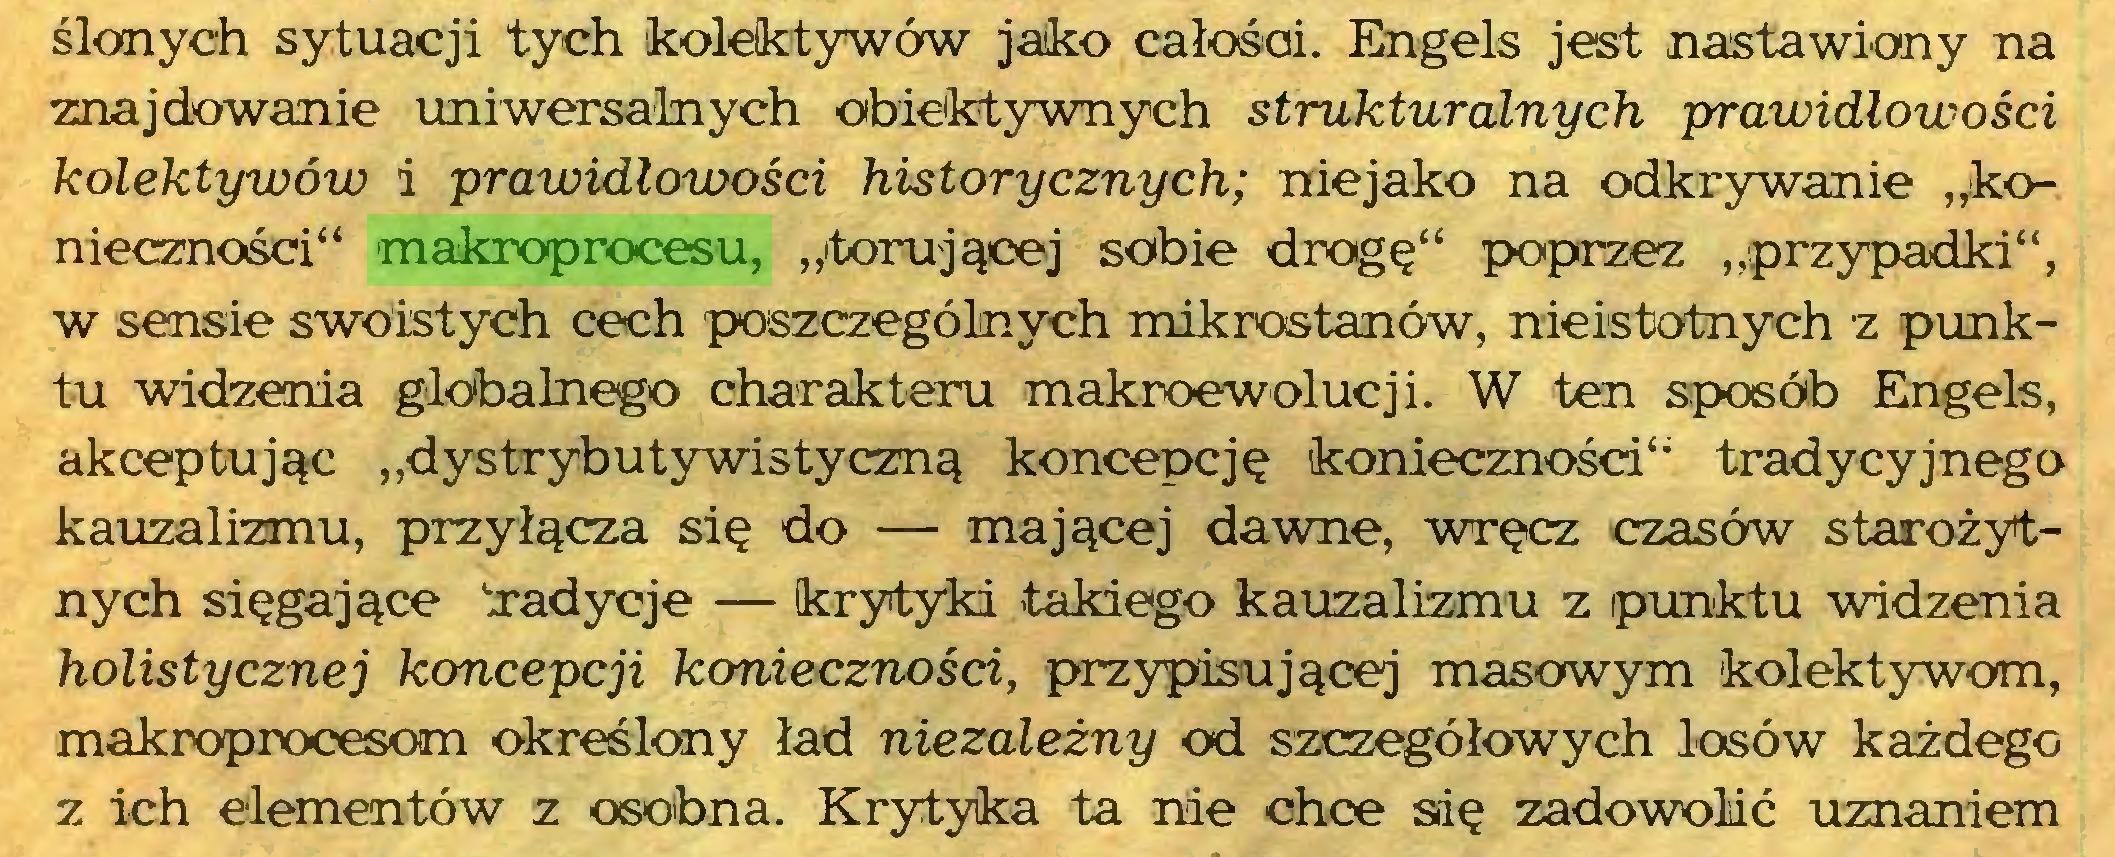 """(...) ślonych sytuacji tych kolektywów jako całośai. Engels jest nastawiany na znajdowanie uniwersalnych obiektywnych strukturalnych prawidłowości kolektywów i prawidłowości historycznych; niejako na odkrywanie """"konieczności"""" makroprocesu, """"'torującej sobie drogę"""" poprzez """"przypadki"""", w sensie swoistych cech poszczególnych mikrostanów, nieistotnych z punktu widzenia globalnego charakteru makroewolucji. W ten sposób Engels, akceptując """"dystrybutywistyczną koncepcję konieczności"""" tradycyjnego kauzalizmu, przyłącza się do — mającej dawne, wręcz czasów starożytnych sięgające 'radycje — krytyki takiego kauzalizmu z punktu widzenia holistycznej koncepcji konieczności, przypisującej masowym kolektywom, makroprocesom określony ład niezależny od szczegółowych losów każdego z ich elementów z osobna. Krytyka ta nie chce sdę zadowolić uznaniem..."""